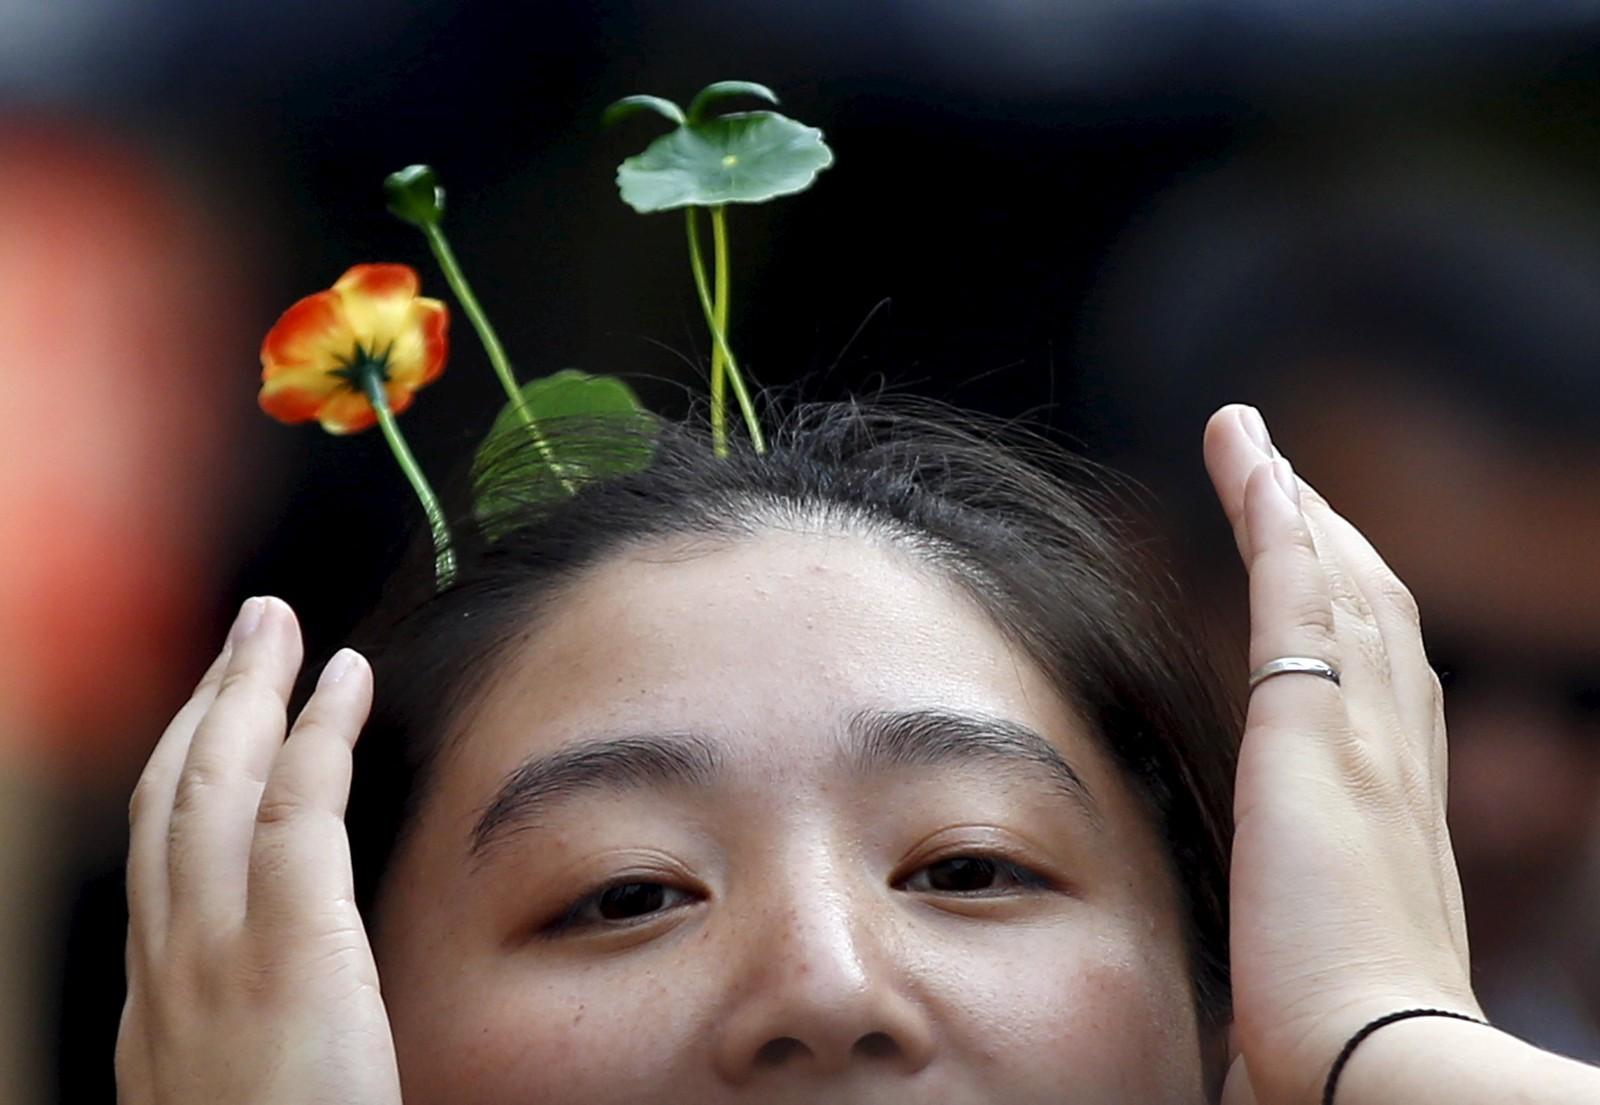 En kvinne med iøynefallende hårnåler fotografert mens hun vandret langs Nanluoguxiang-gaten i Beijing. Antenne-formede hårnåler har blitt en stor trend i den kinesiske hovedstaden, ifølge nyhetsbyrået Reuters.